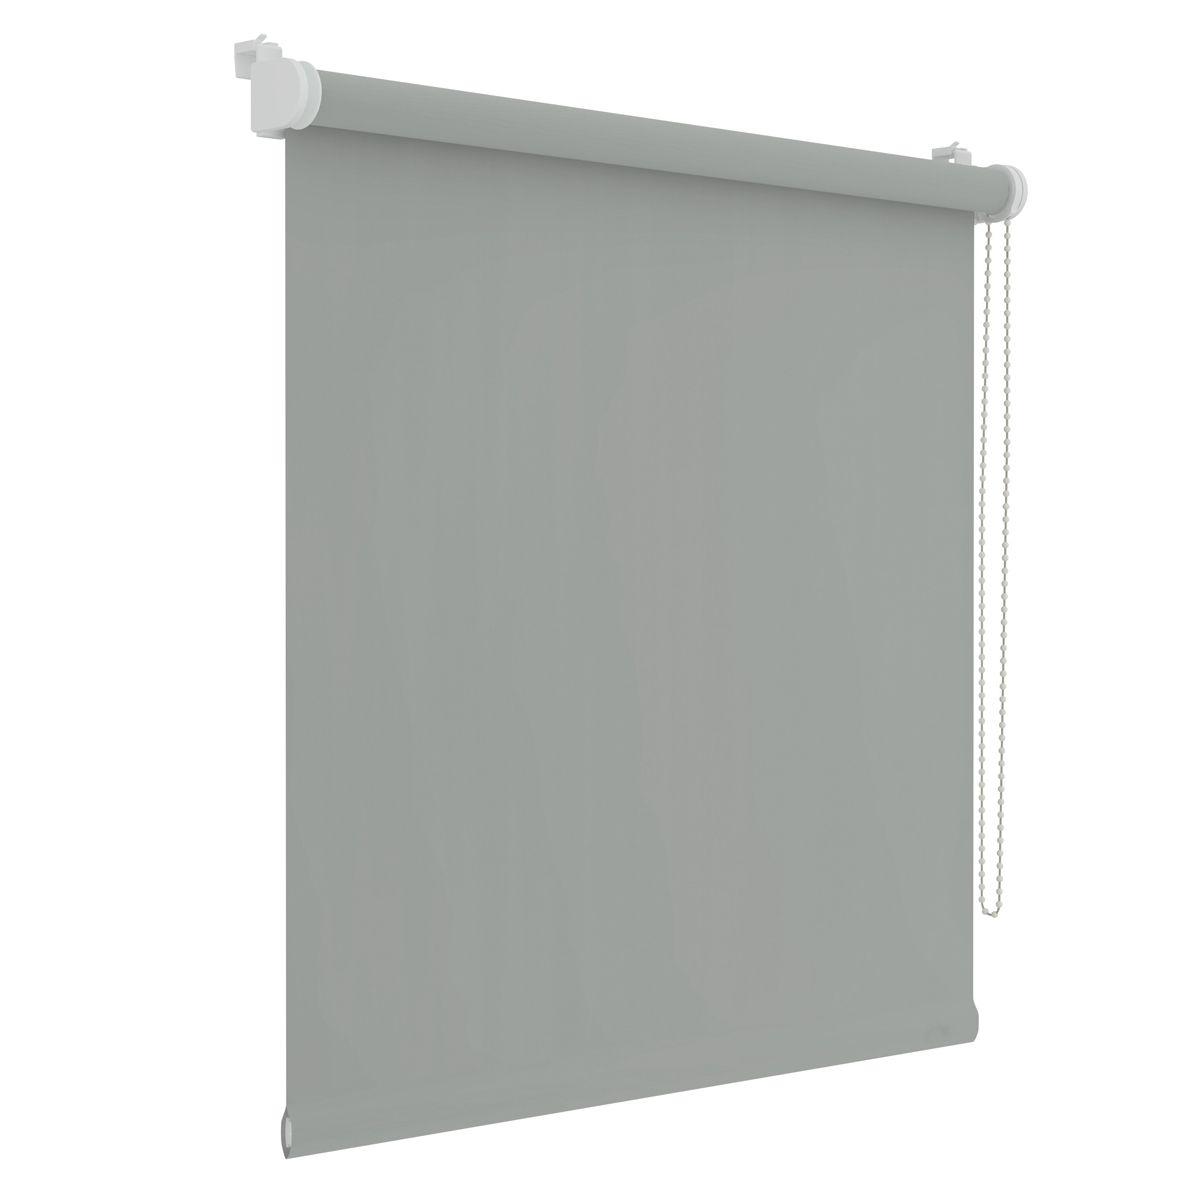 Store enrouleur occultant Dalvik gris clair 52x250cm